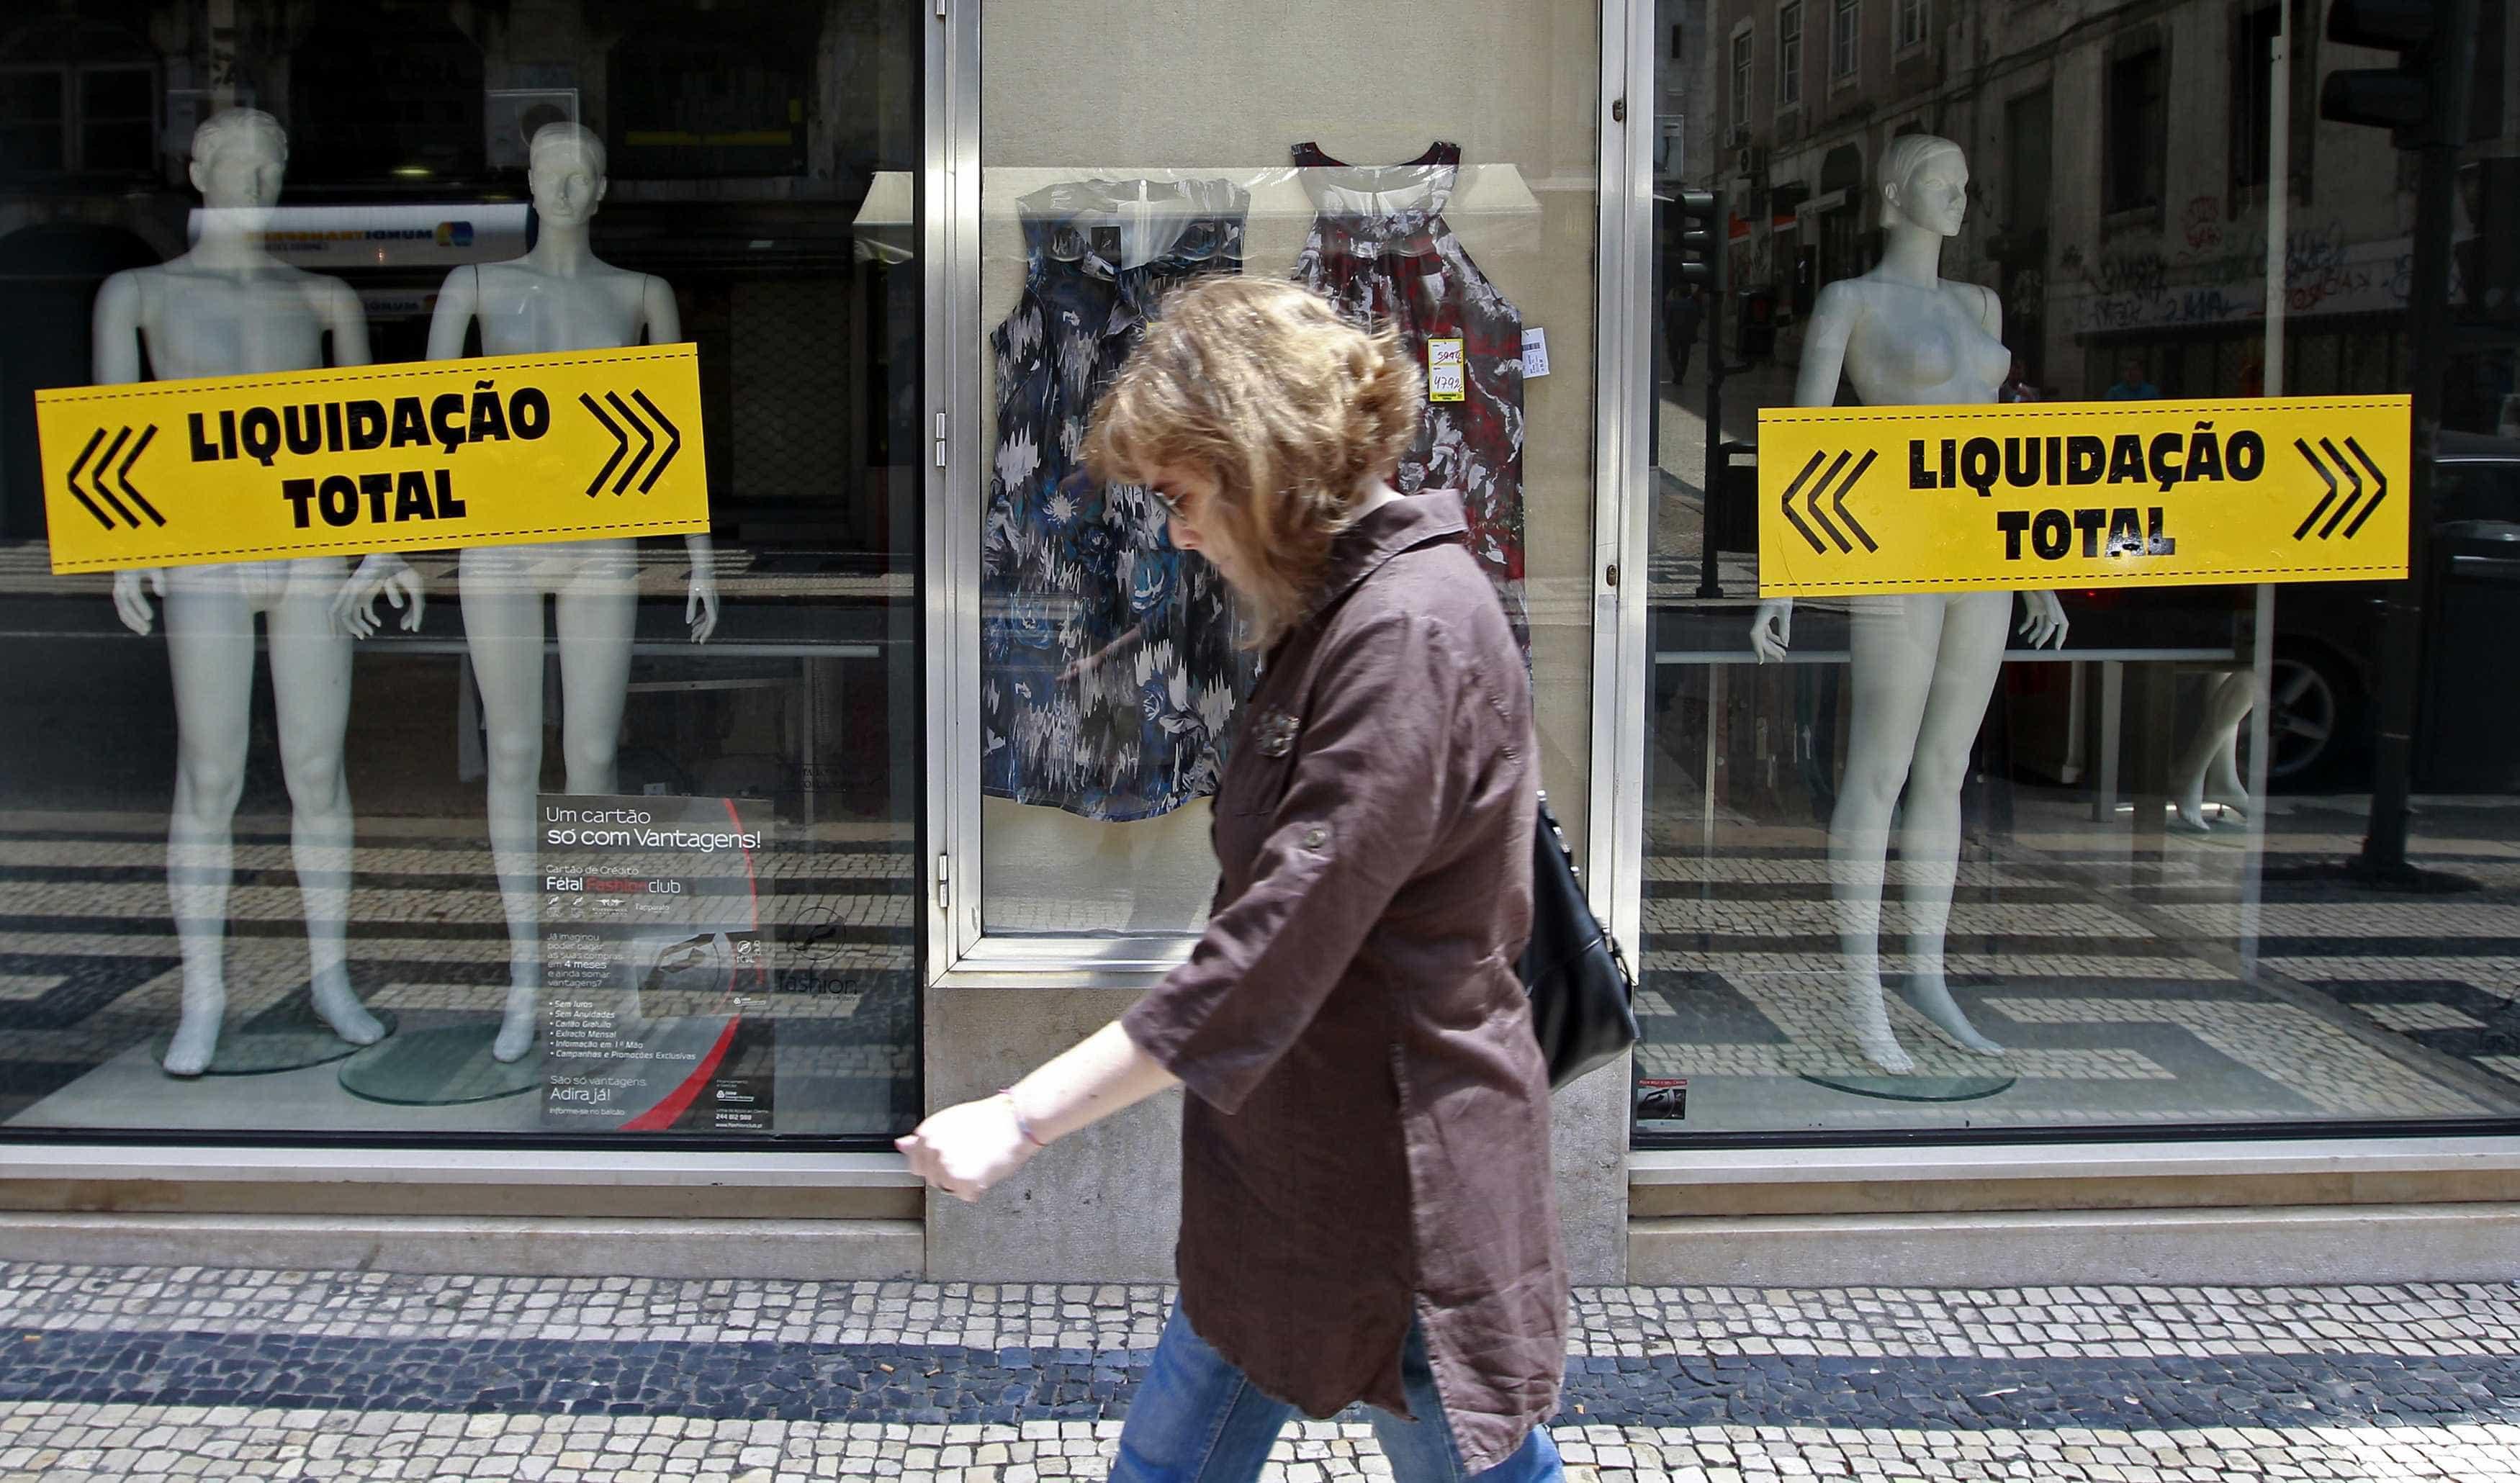 Os saldos agradam os portugueses? A maior parte prefere poupar